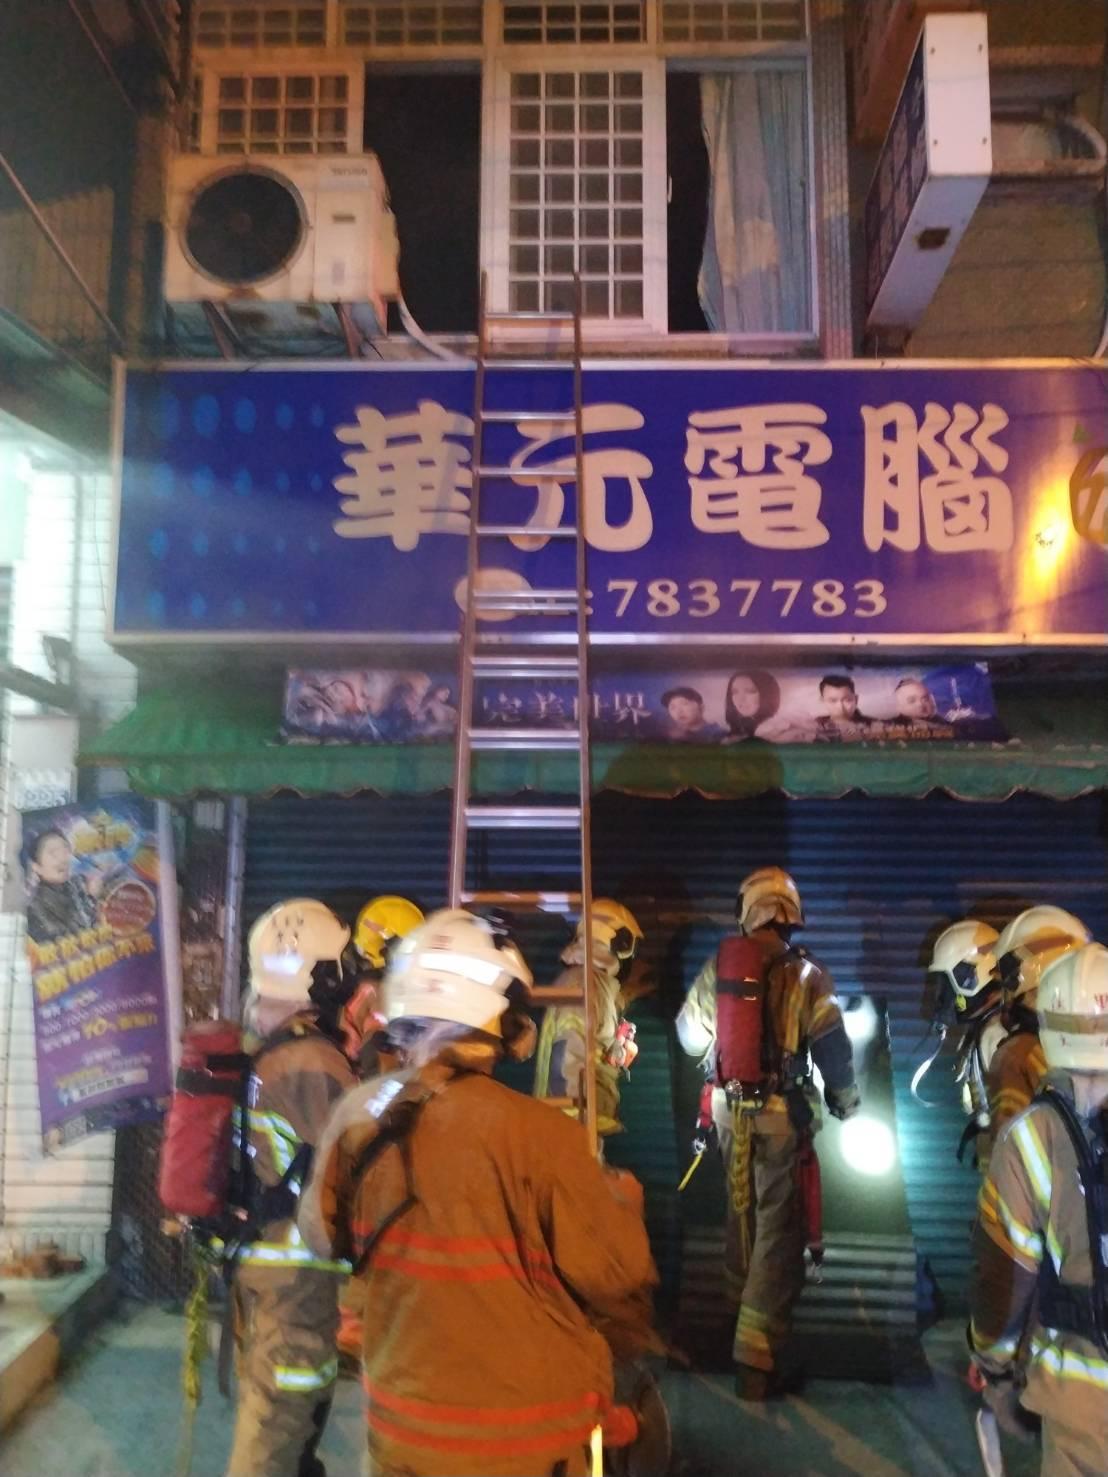 台南市學甲區一家電腦行凌晨發生火警,屋主一家3人受困二樓,被消防人員及時救出。記...